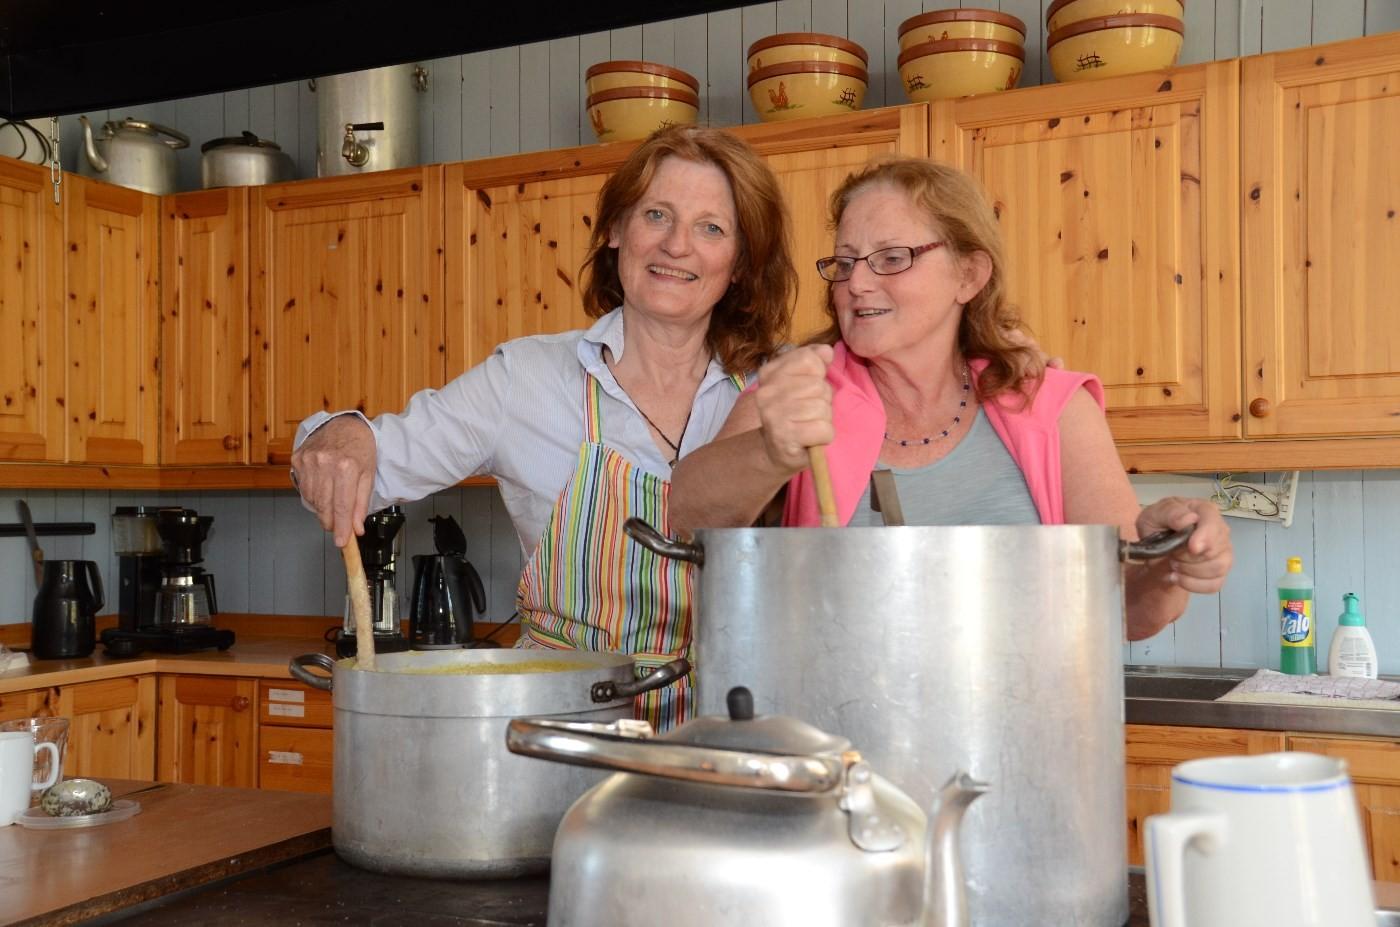 Anita Land hadde fått hjelp av søstra Tea Bjørnstøl på kjøkkenet.  Foto: Jon Olav Ørsal